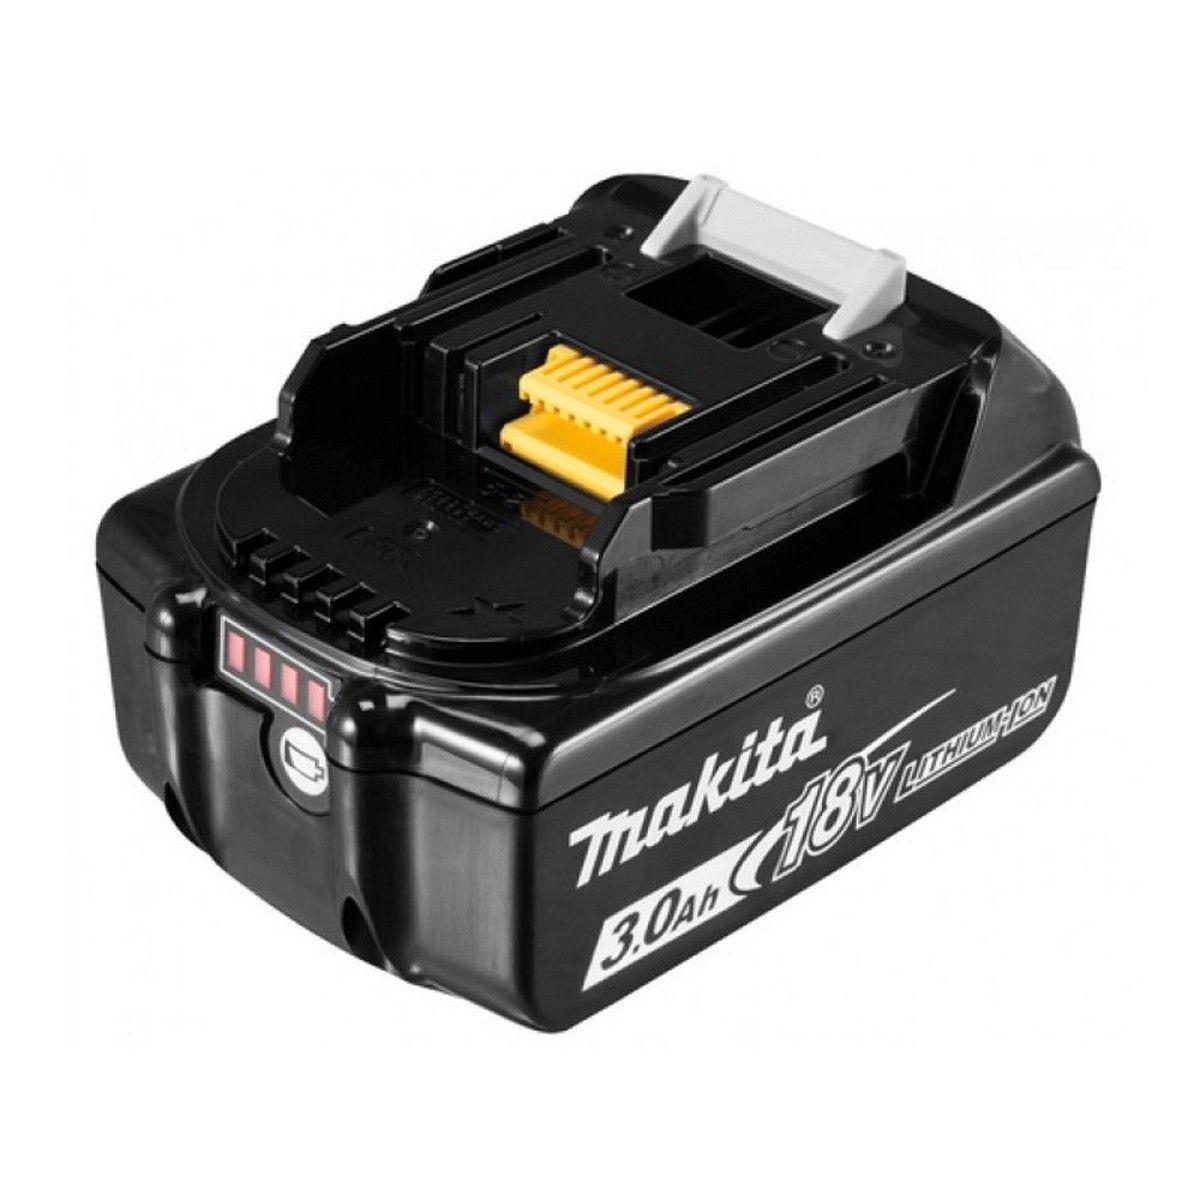 Makita BL1830B 18v 3.0ah battery £29.95 + £6.95 postage @ Fastfix